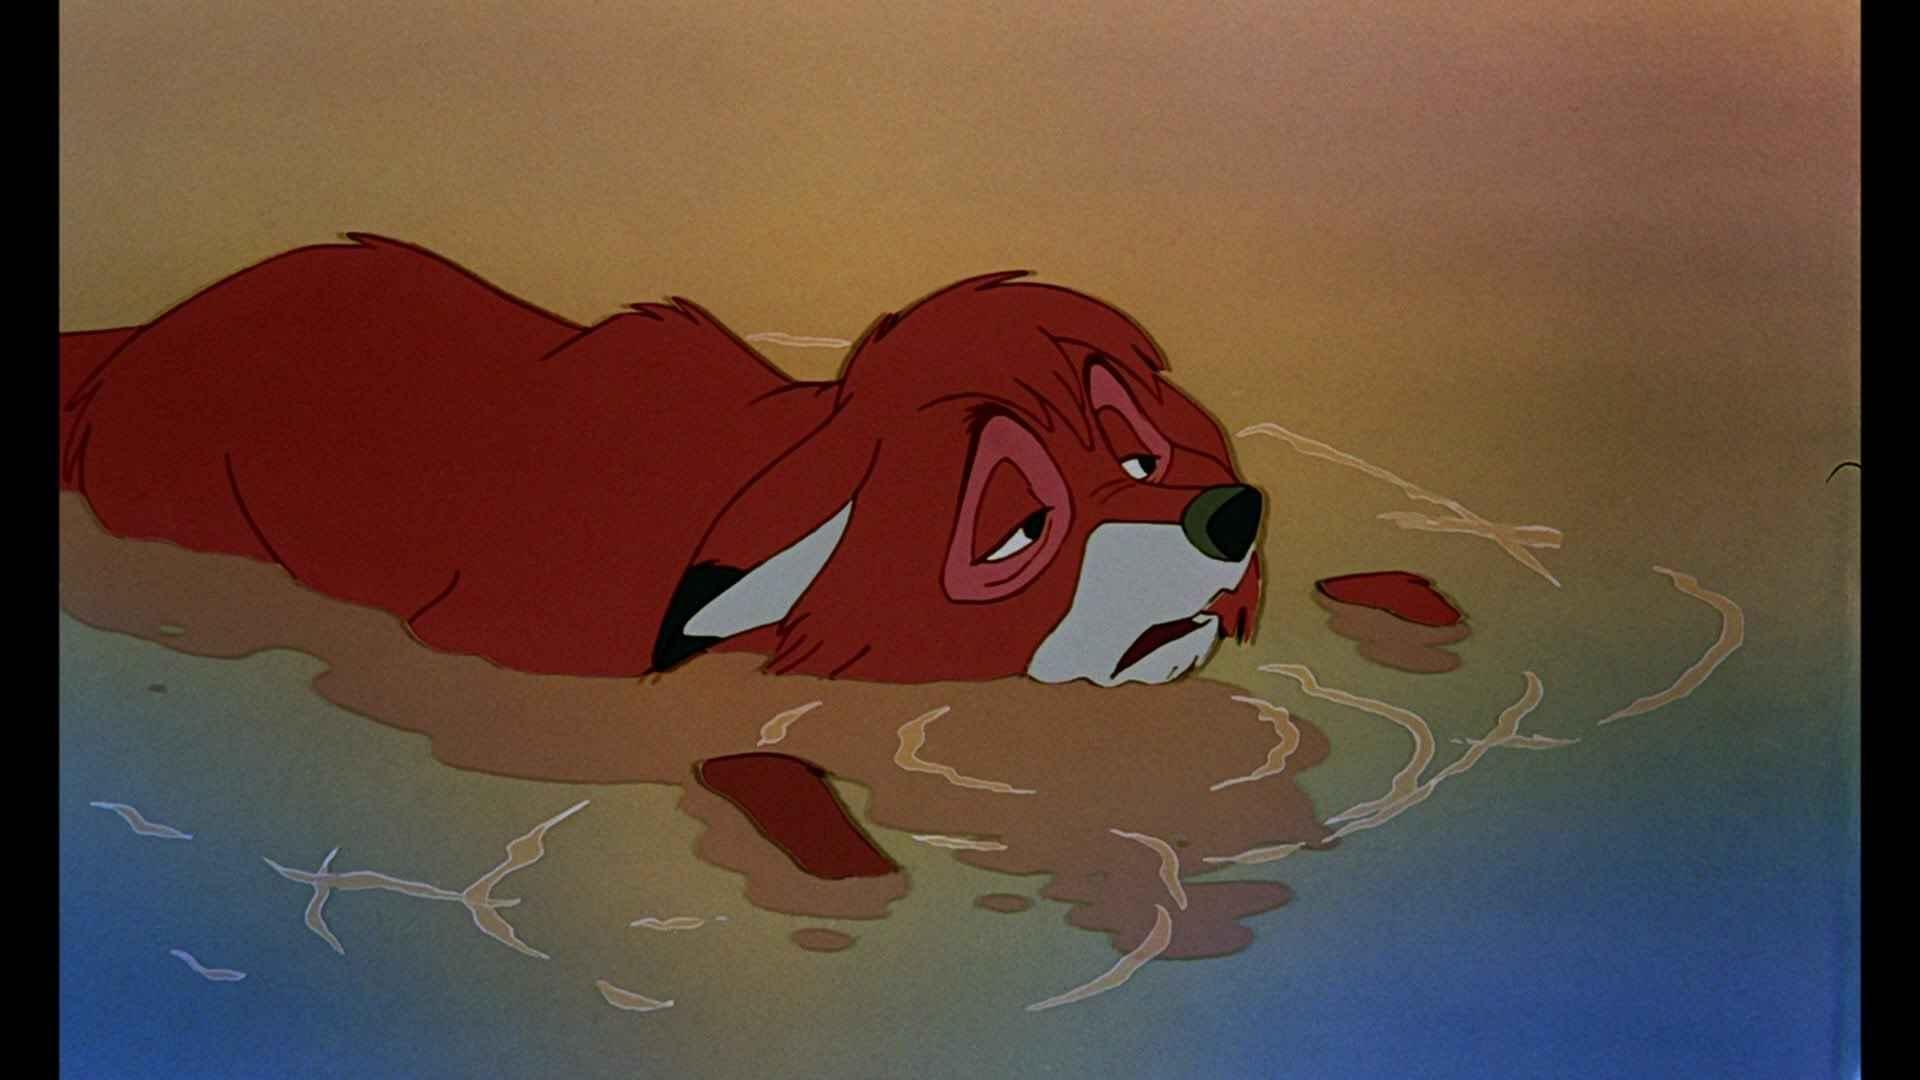 10 Fox and Hound (1981)